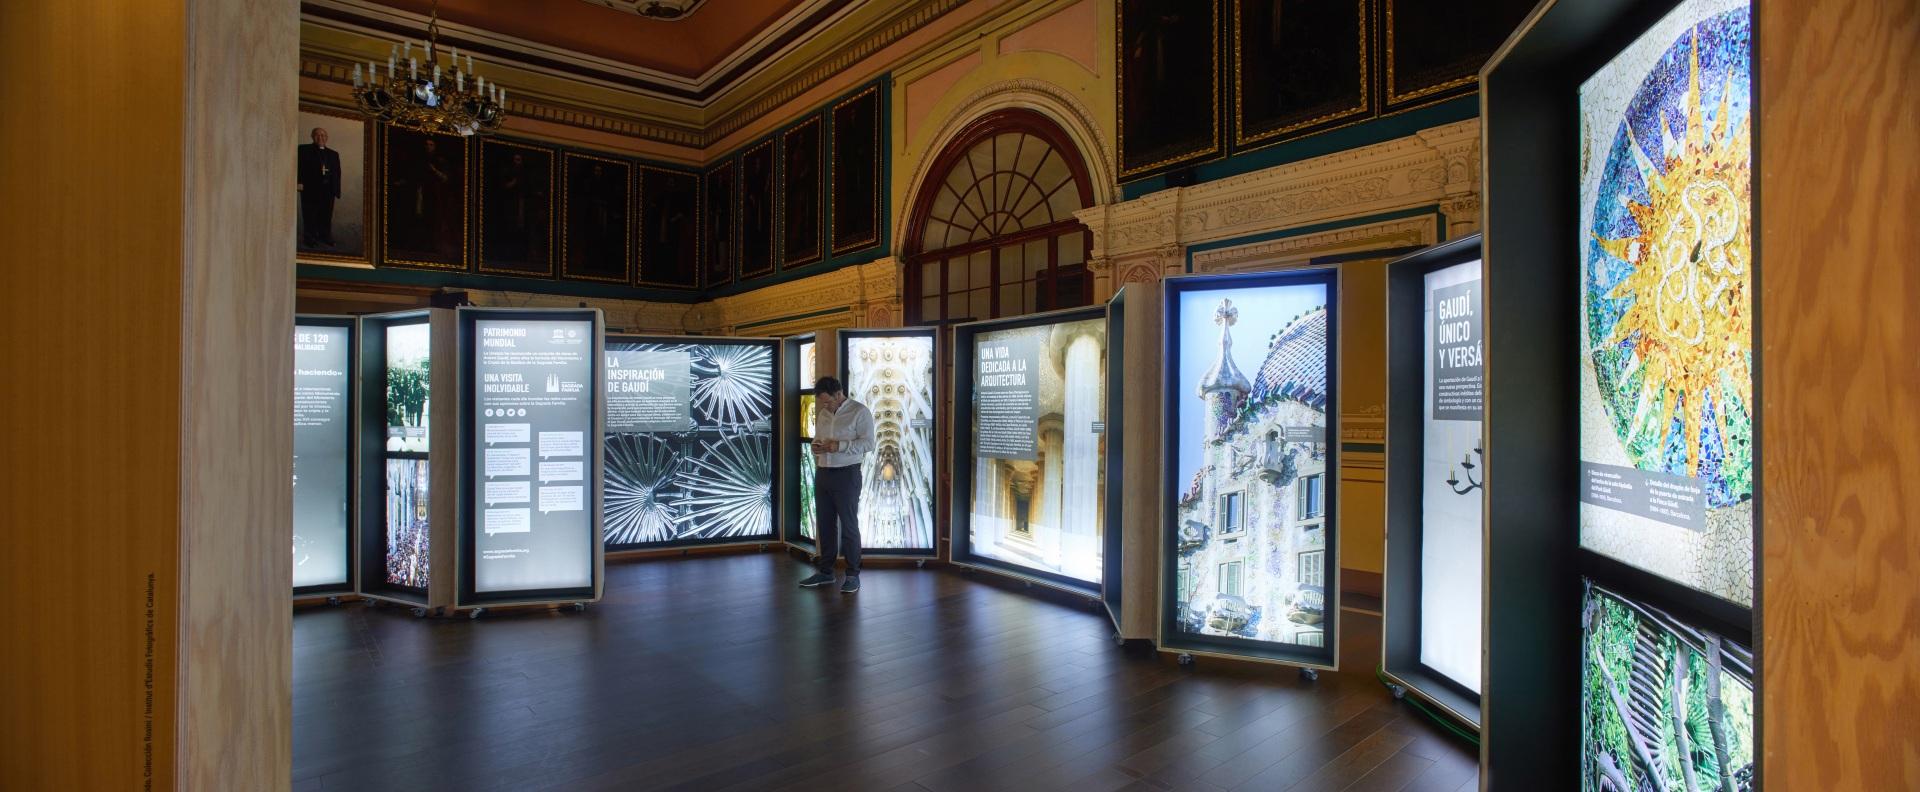 Exposición Gaudí Sagrada Familia. Imágenes de edificios y detalles arquitectónicos en cajas iluminadas.